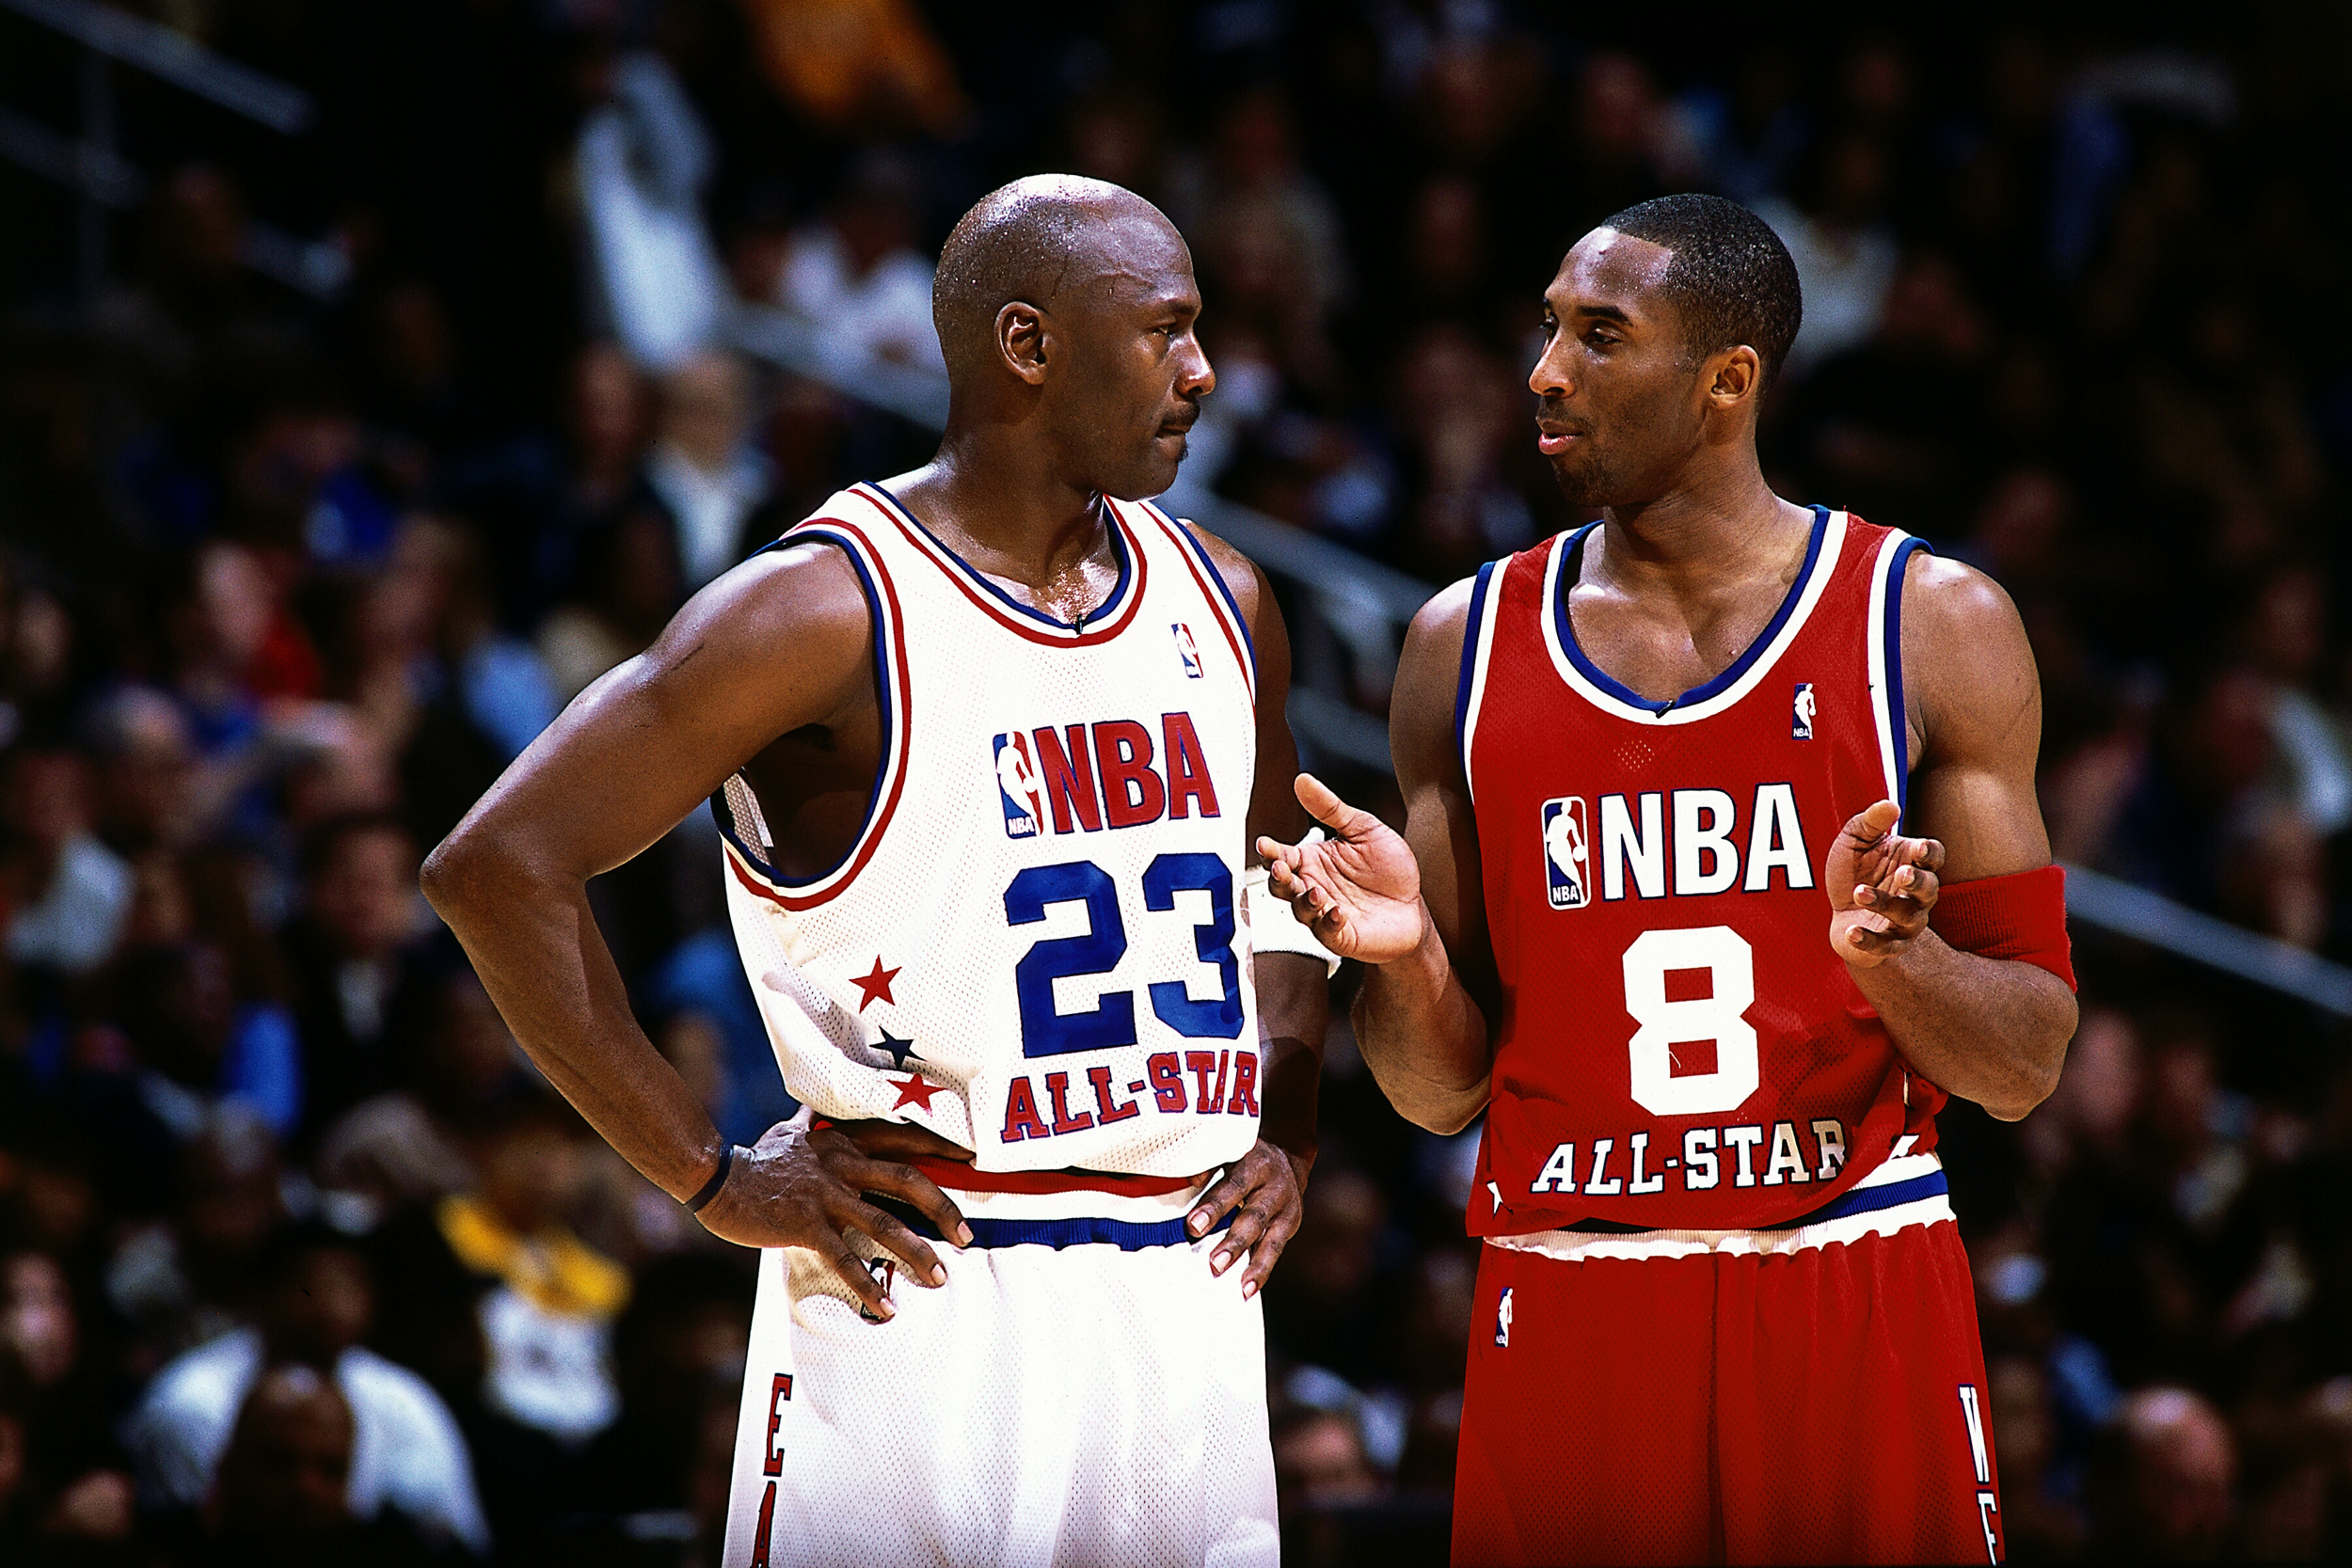 Kobe Bryant S Legendary Basketball Career In Photos